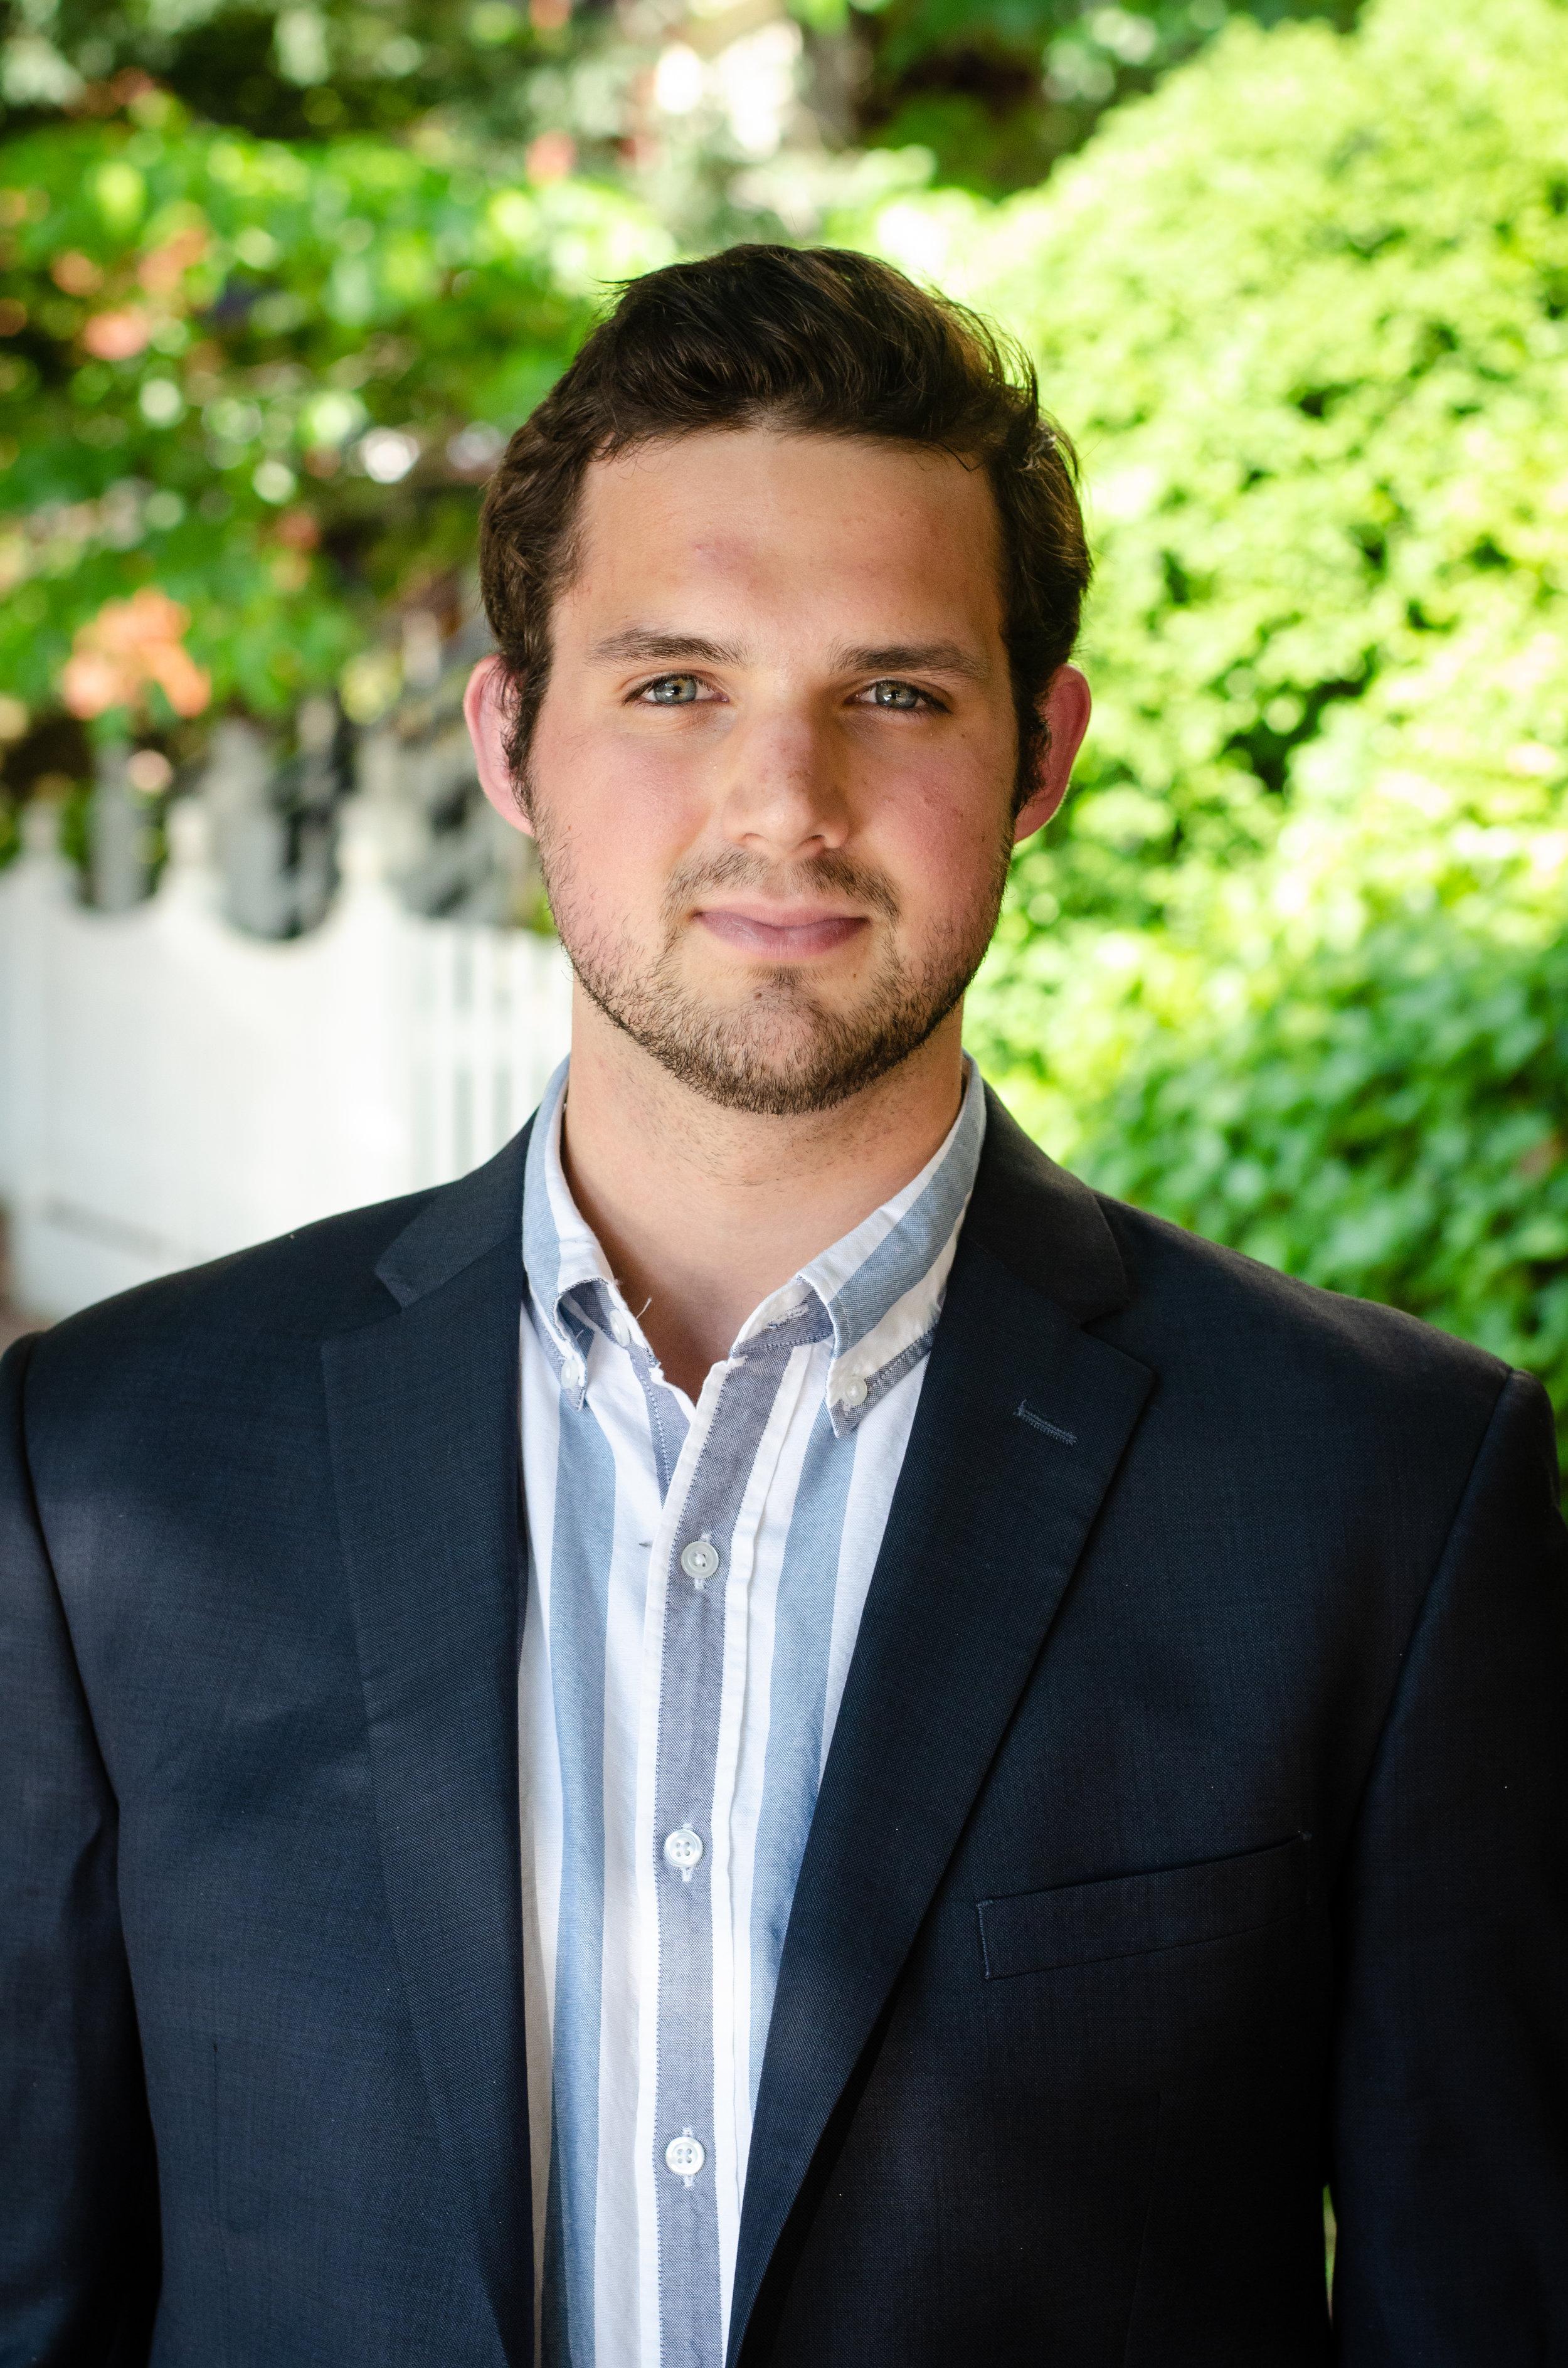 Wesley Diener - Assistant Director